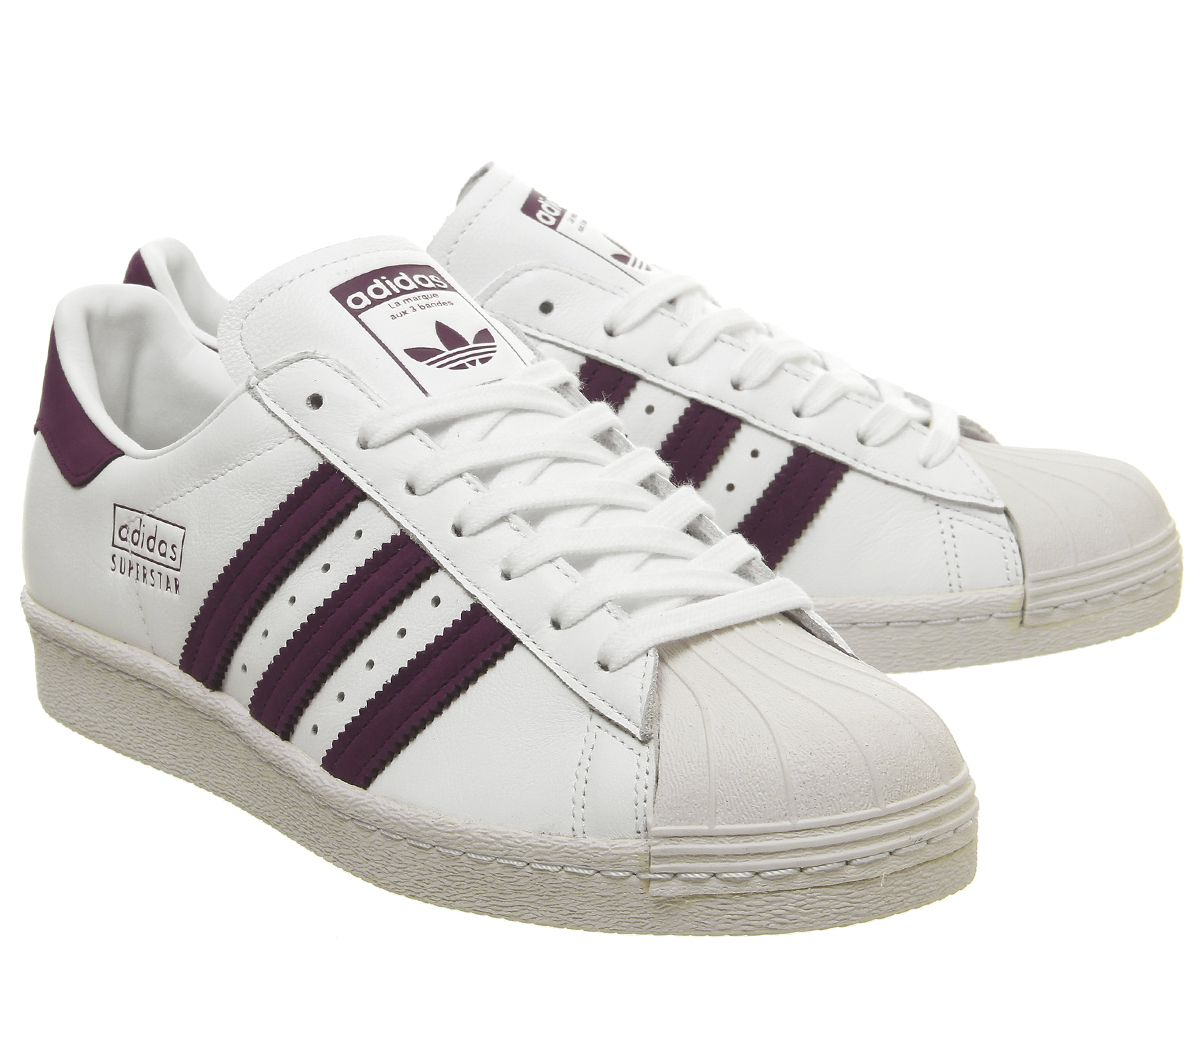 9520c90bae CENTINELA Hombres Adidas Superstar 80S entrenadores blanco marrón blanco  cristalino zapatillas zapatos